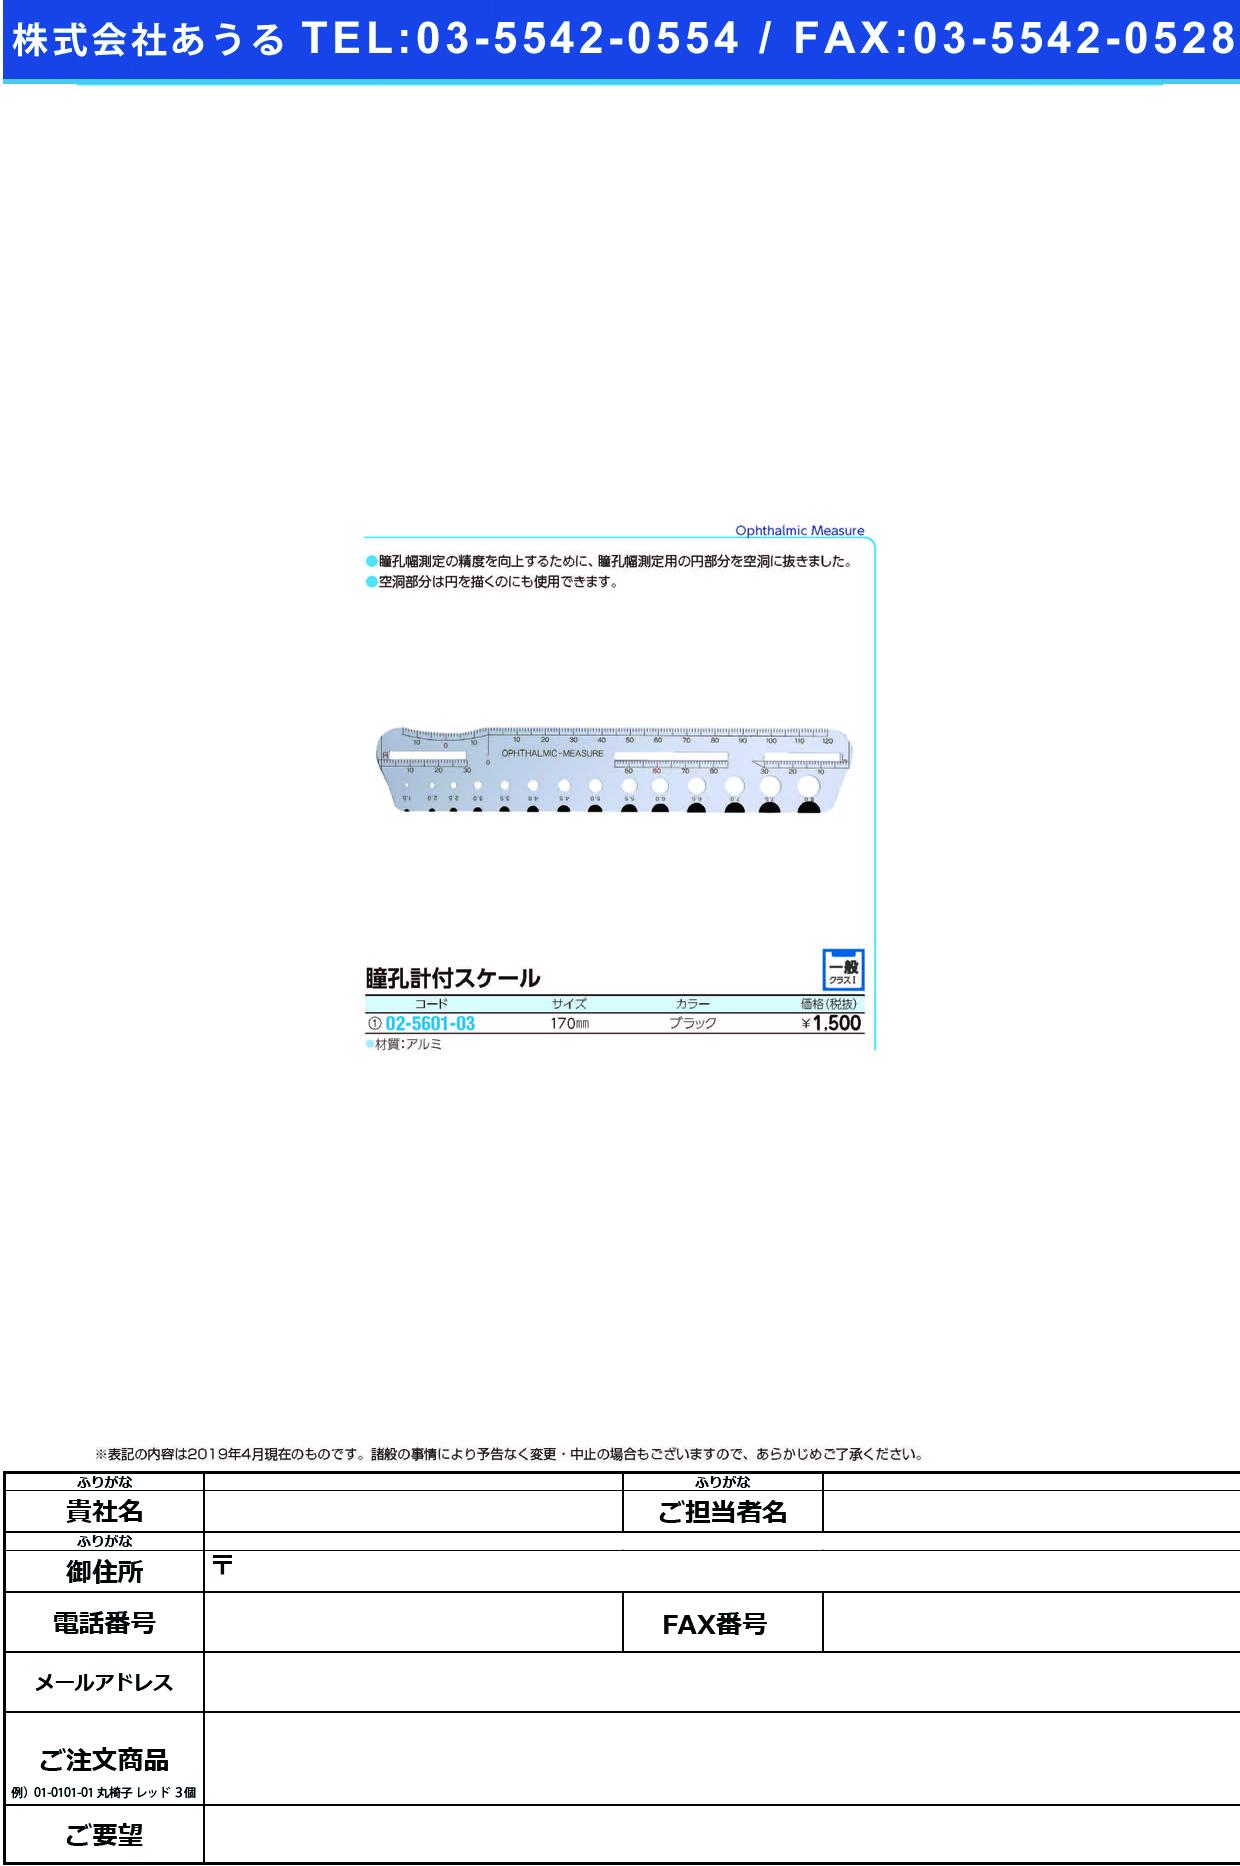 (02-5601-03)瞳孔計付スケール(ユニバーサル瞳孔計 ブラック(170MM) ドウコウケイツキスケール【1本単位】【2019年カタログ商品】